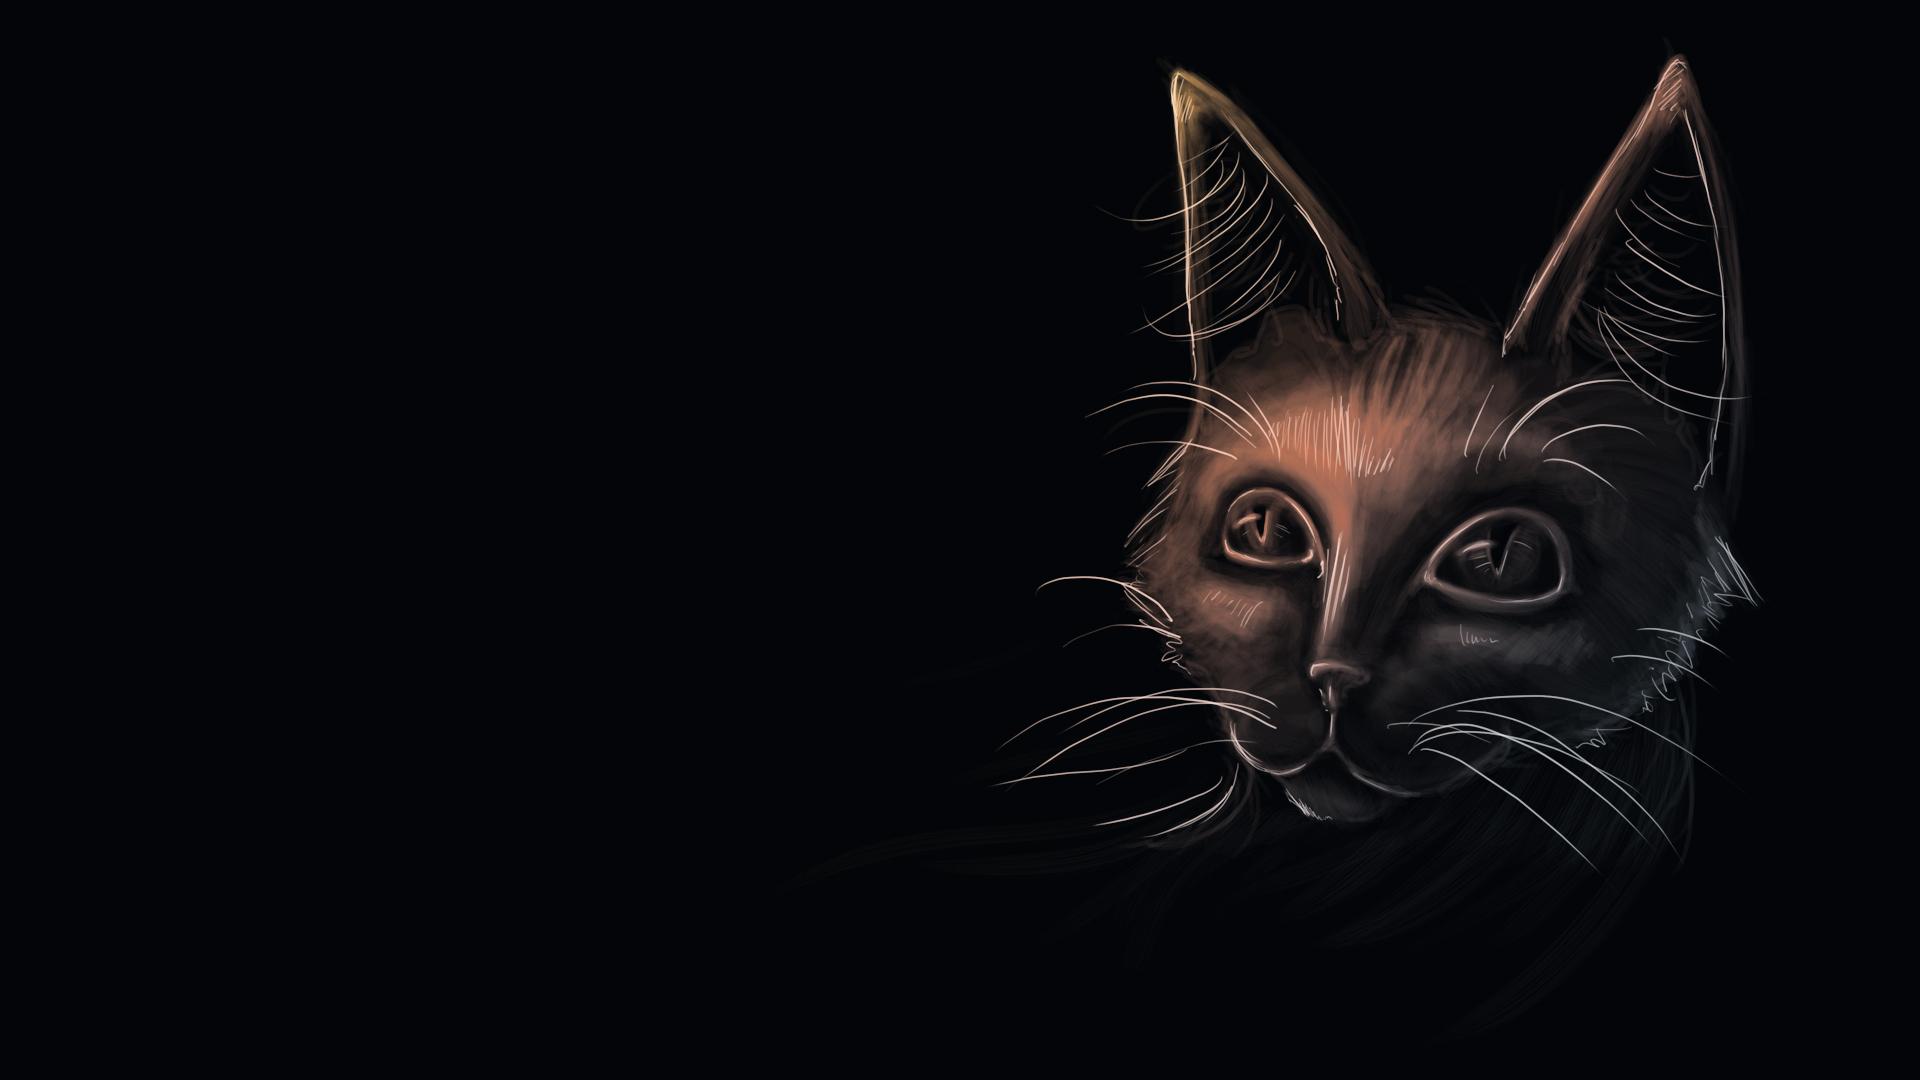 Скачать обои кошка, чёрный фон, взгляд, раздел рендеринг в р.